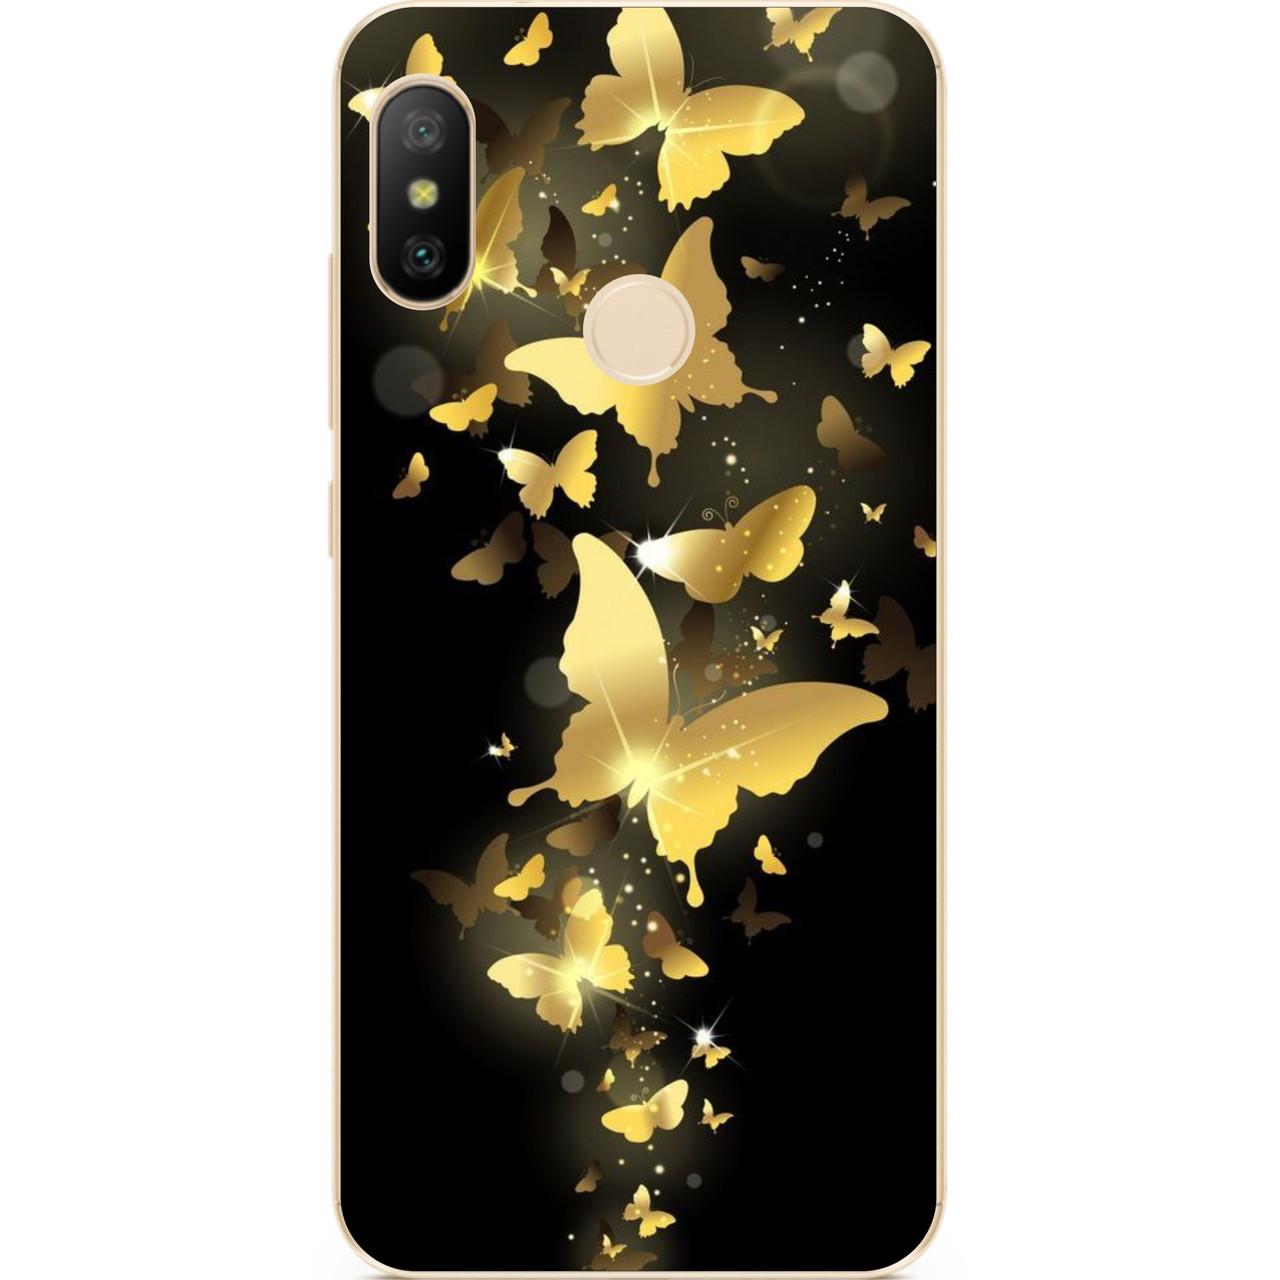 Силиконовый чехол для Huawei P Smart Plus с рисунком Золотые бабочки